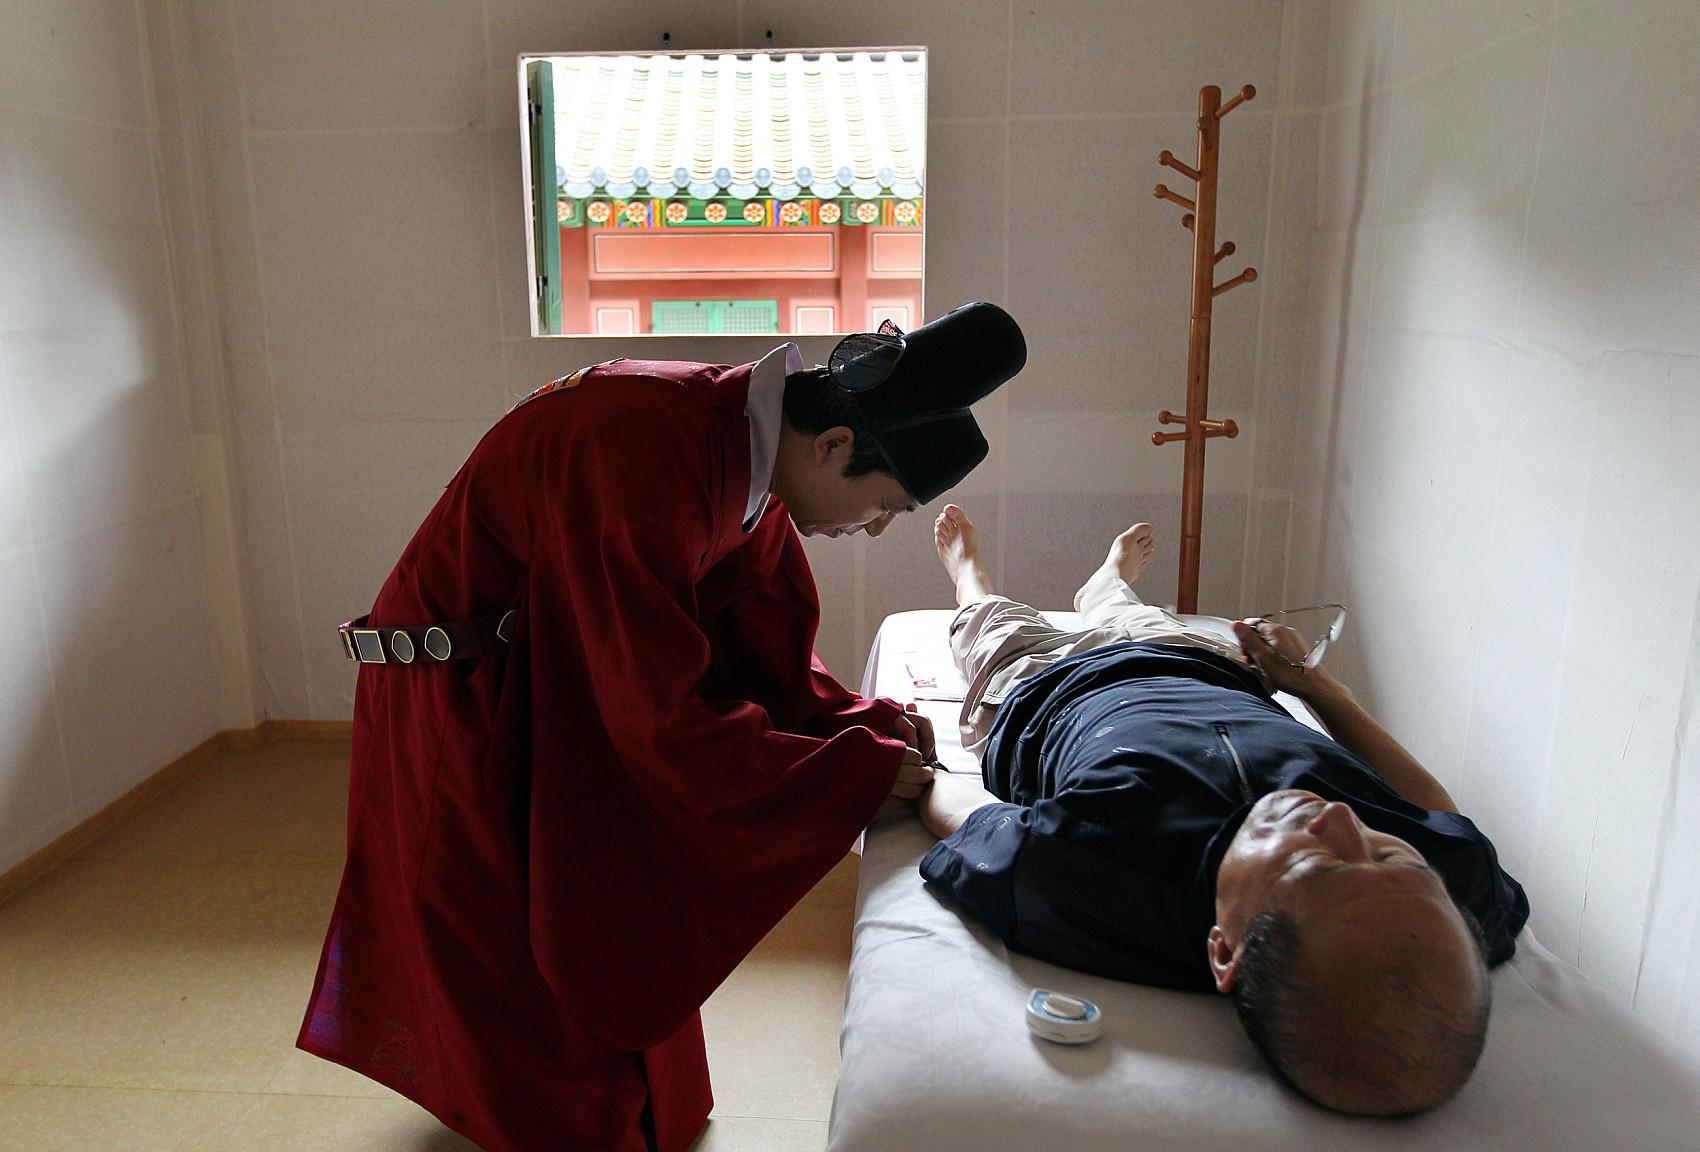 ▲▼南韓76歲老翁接受針灸時被刺穿肺部,1小時候呼吸困難死亡。(示意圖/CFP)